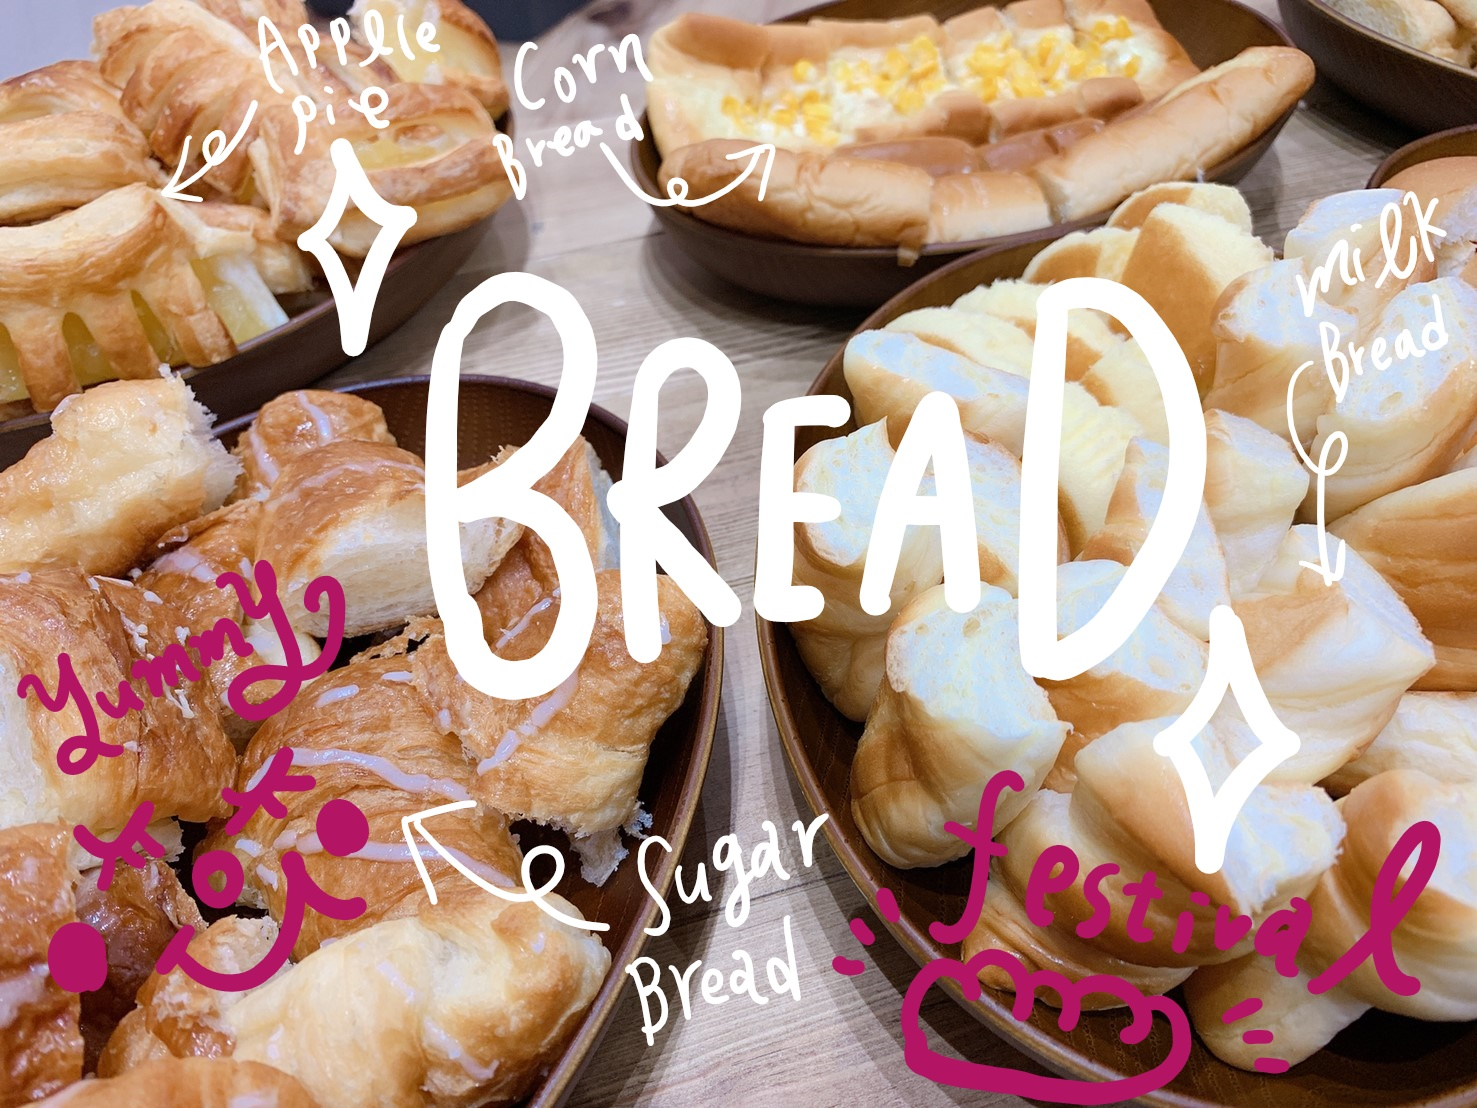 初夏のパン祭り🥖🍞🥐💕